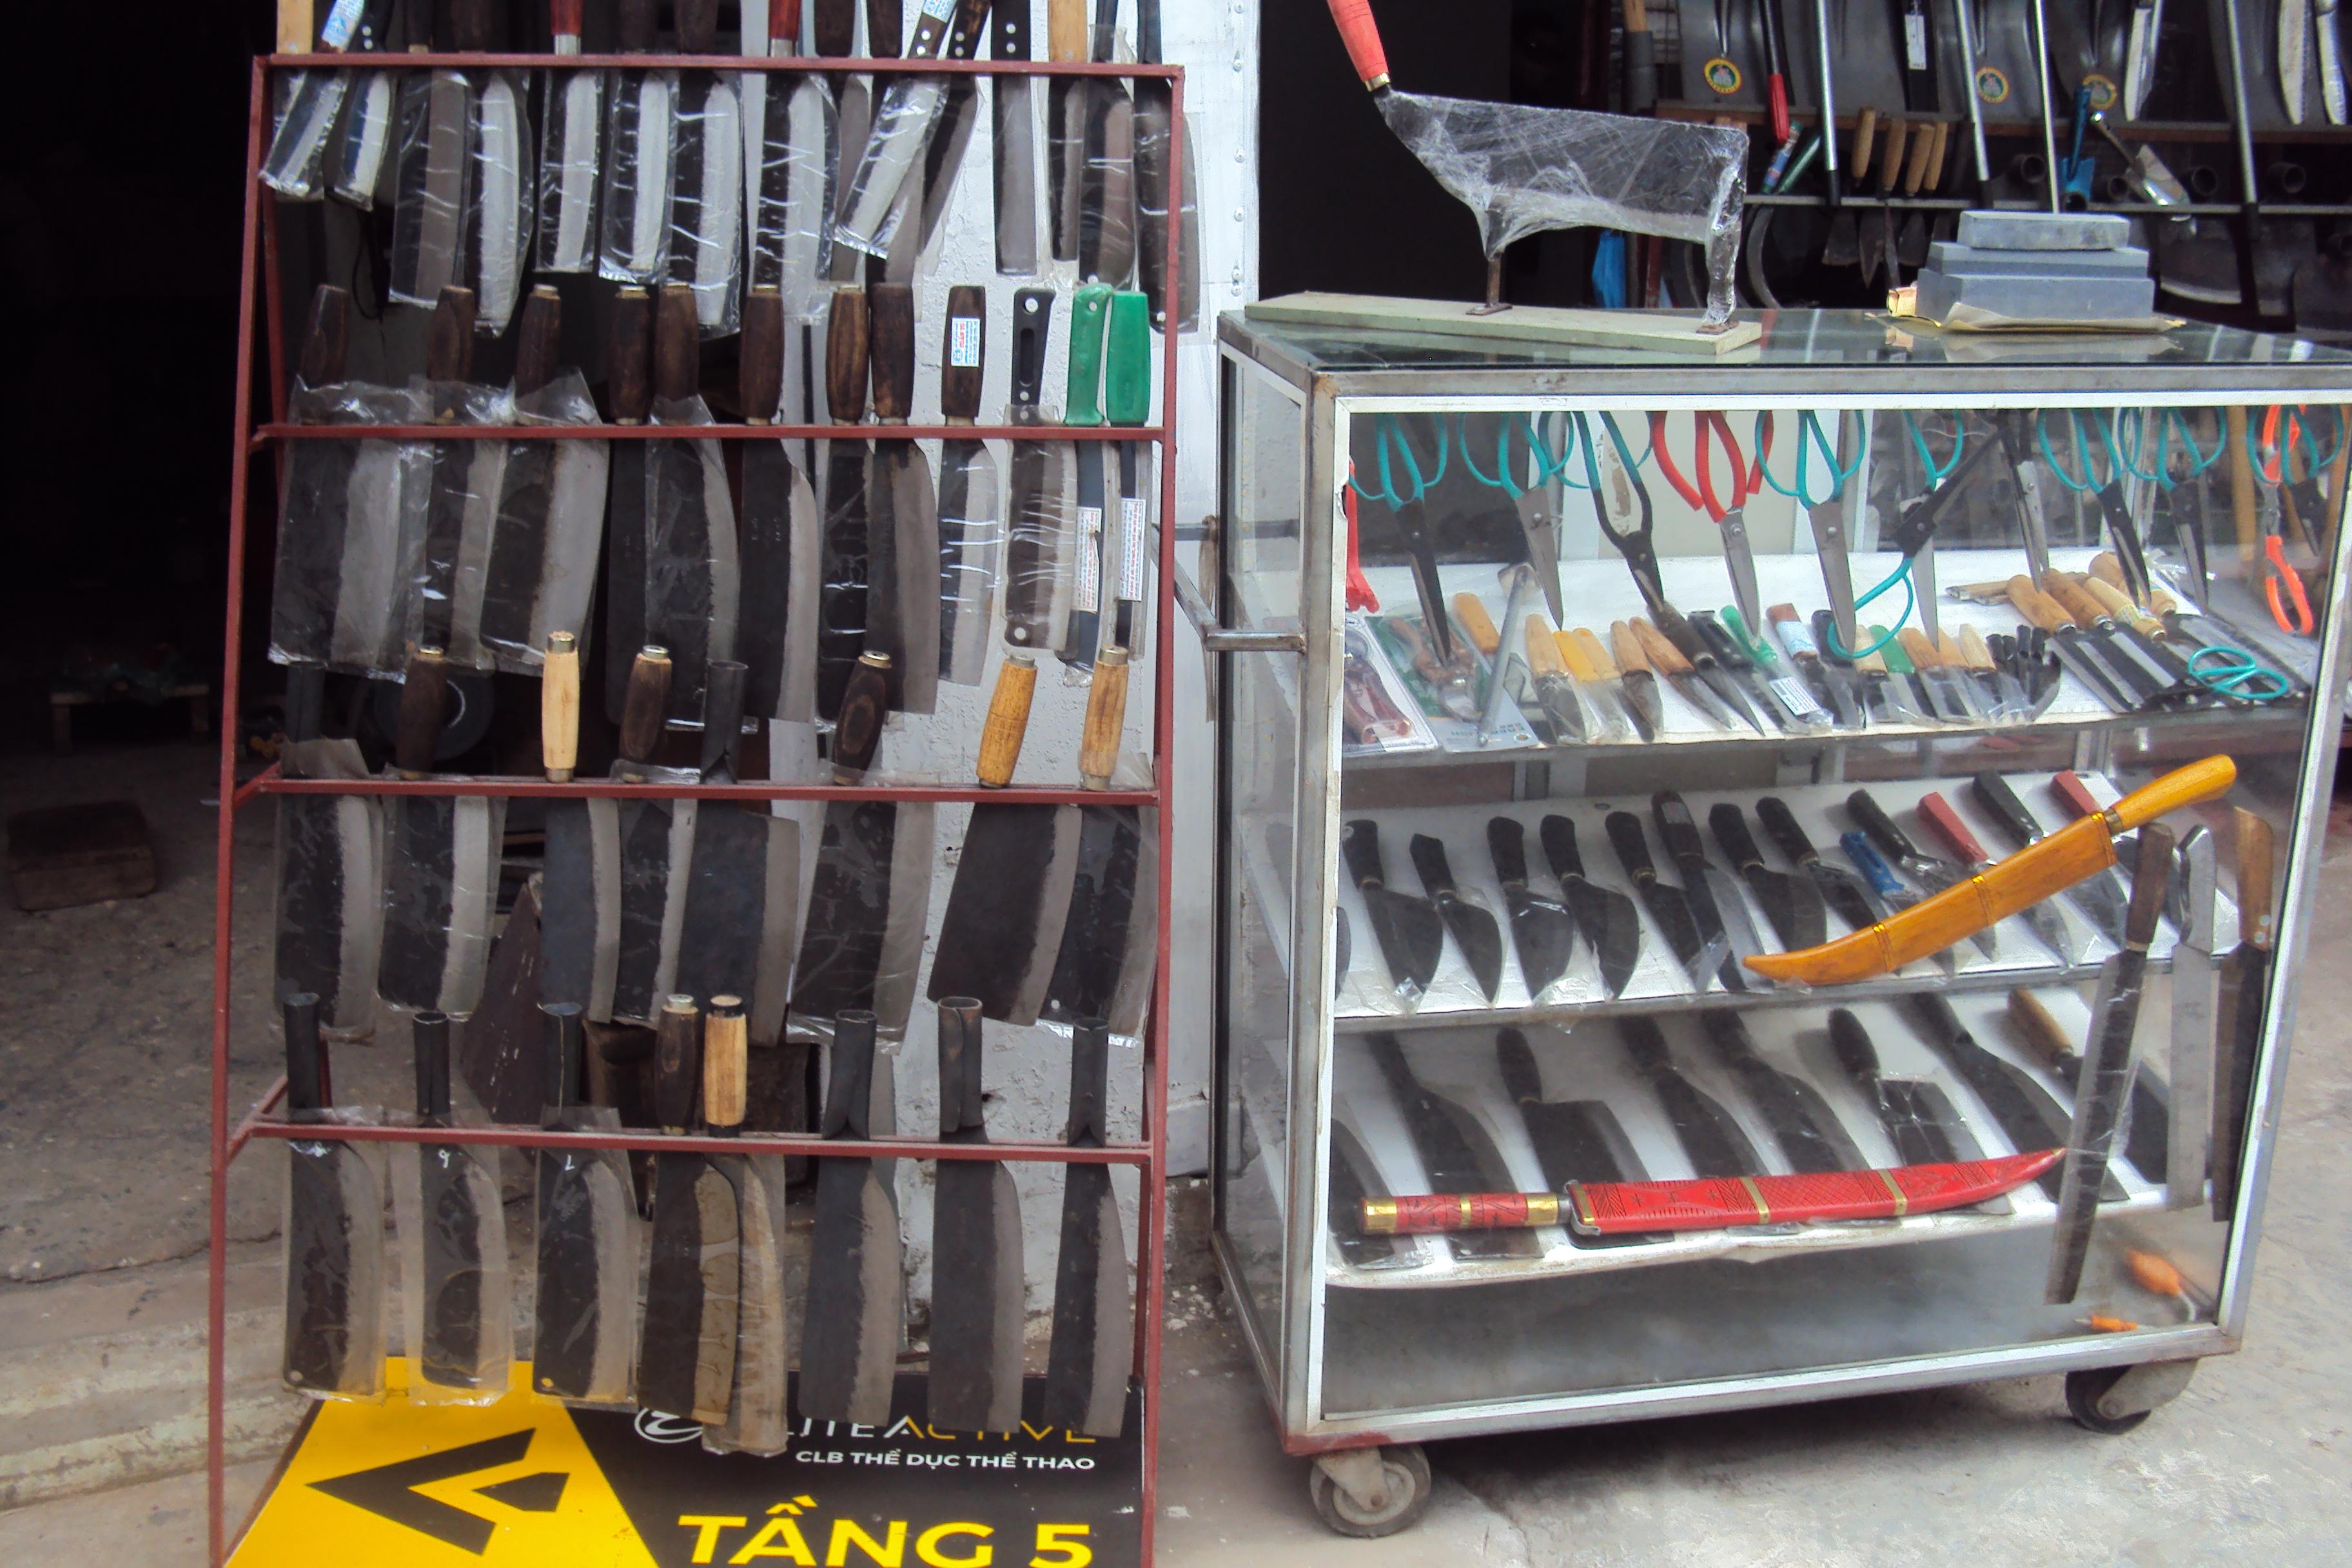 Sản phẩm dao, kéo của Đa Sỹ.